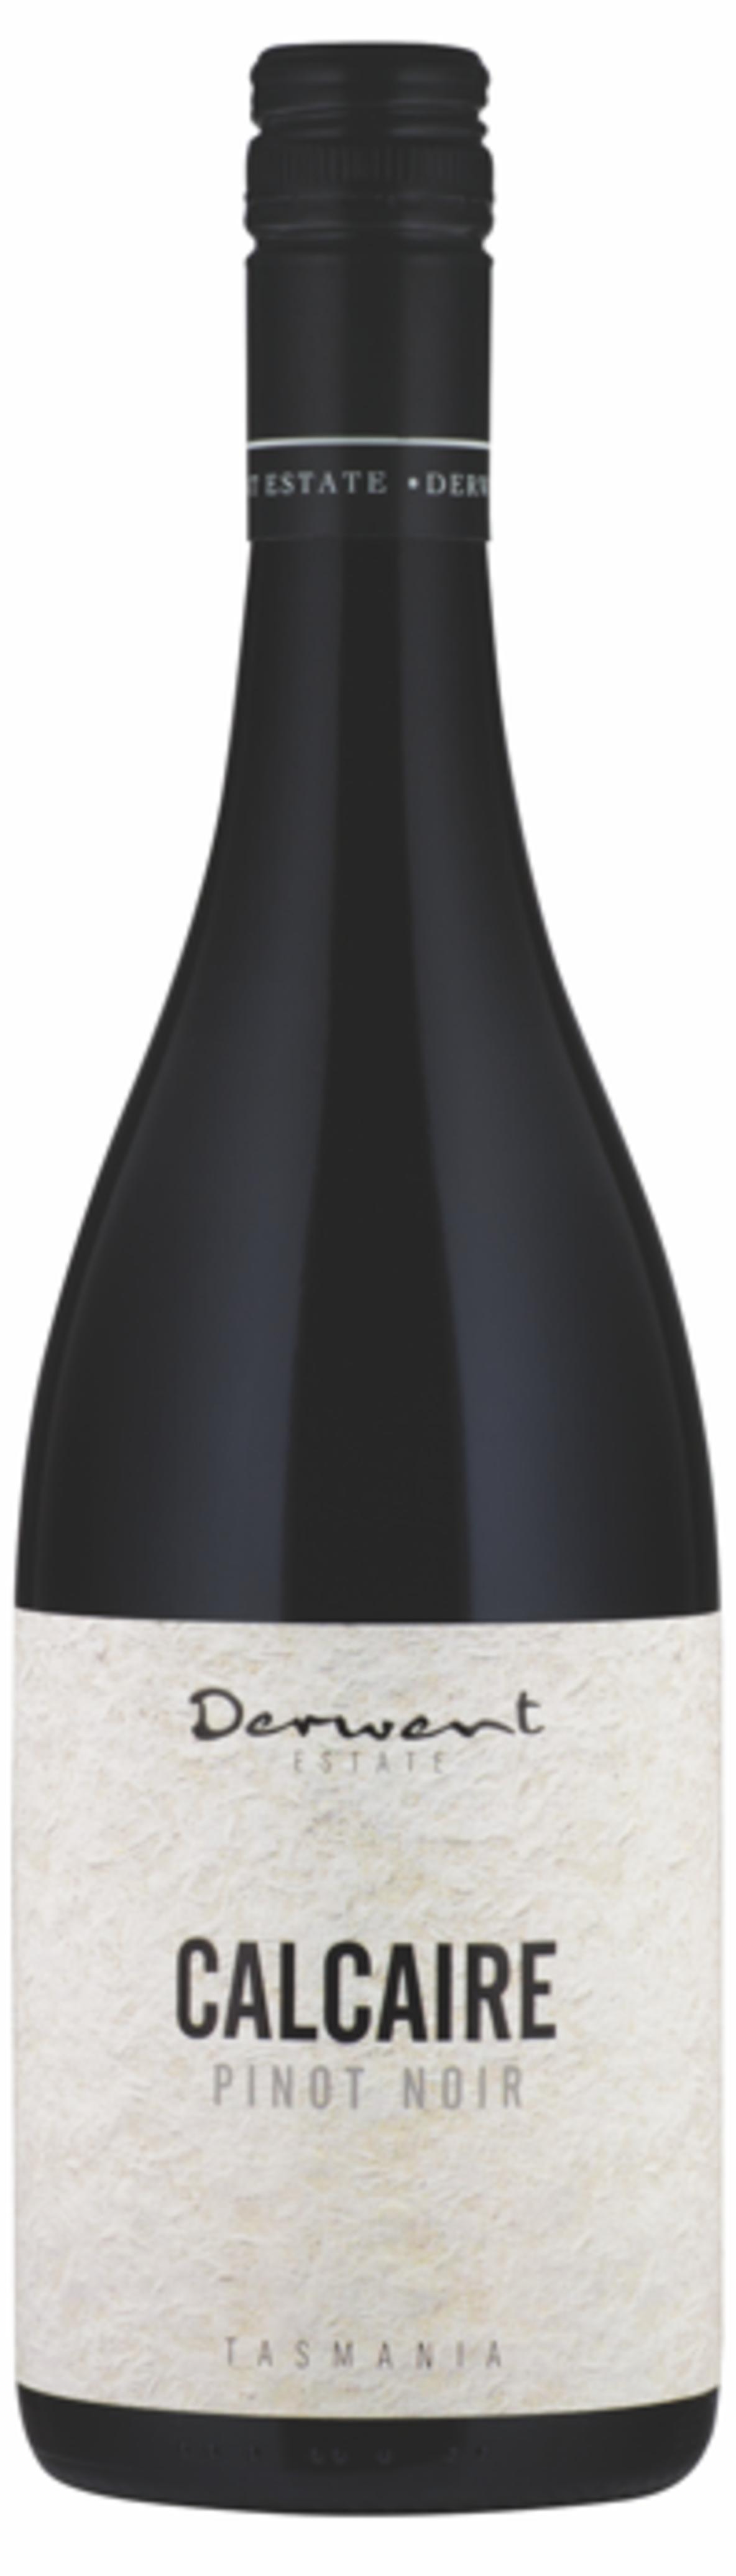 2014 Calcaire Pinot Noir